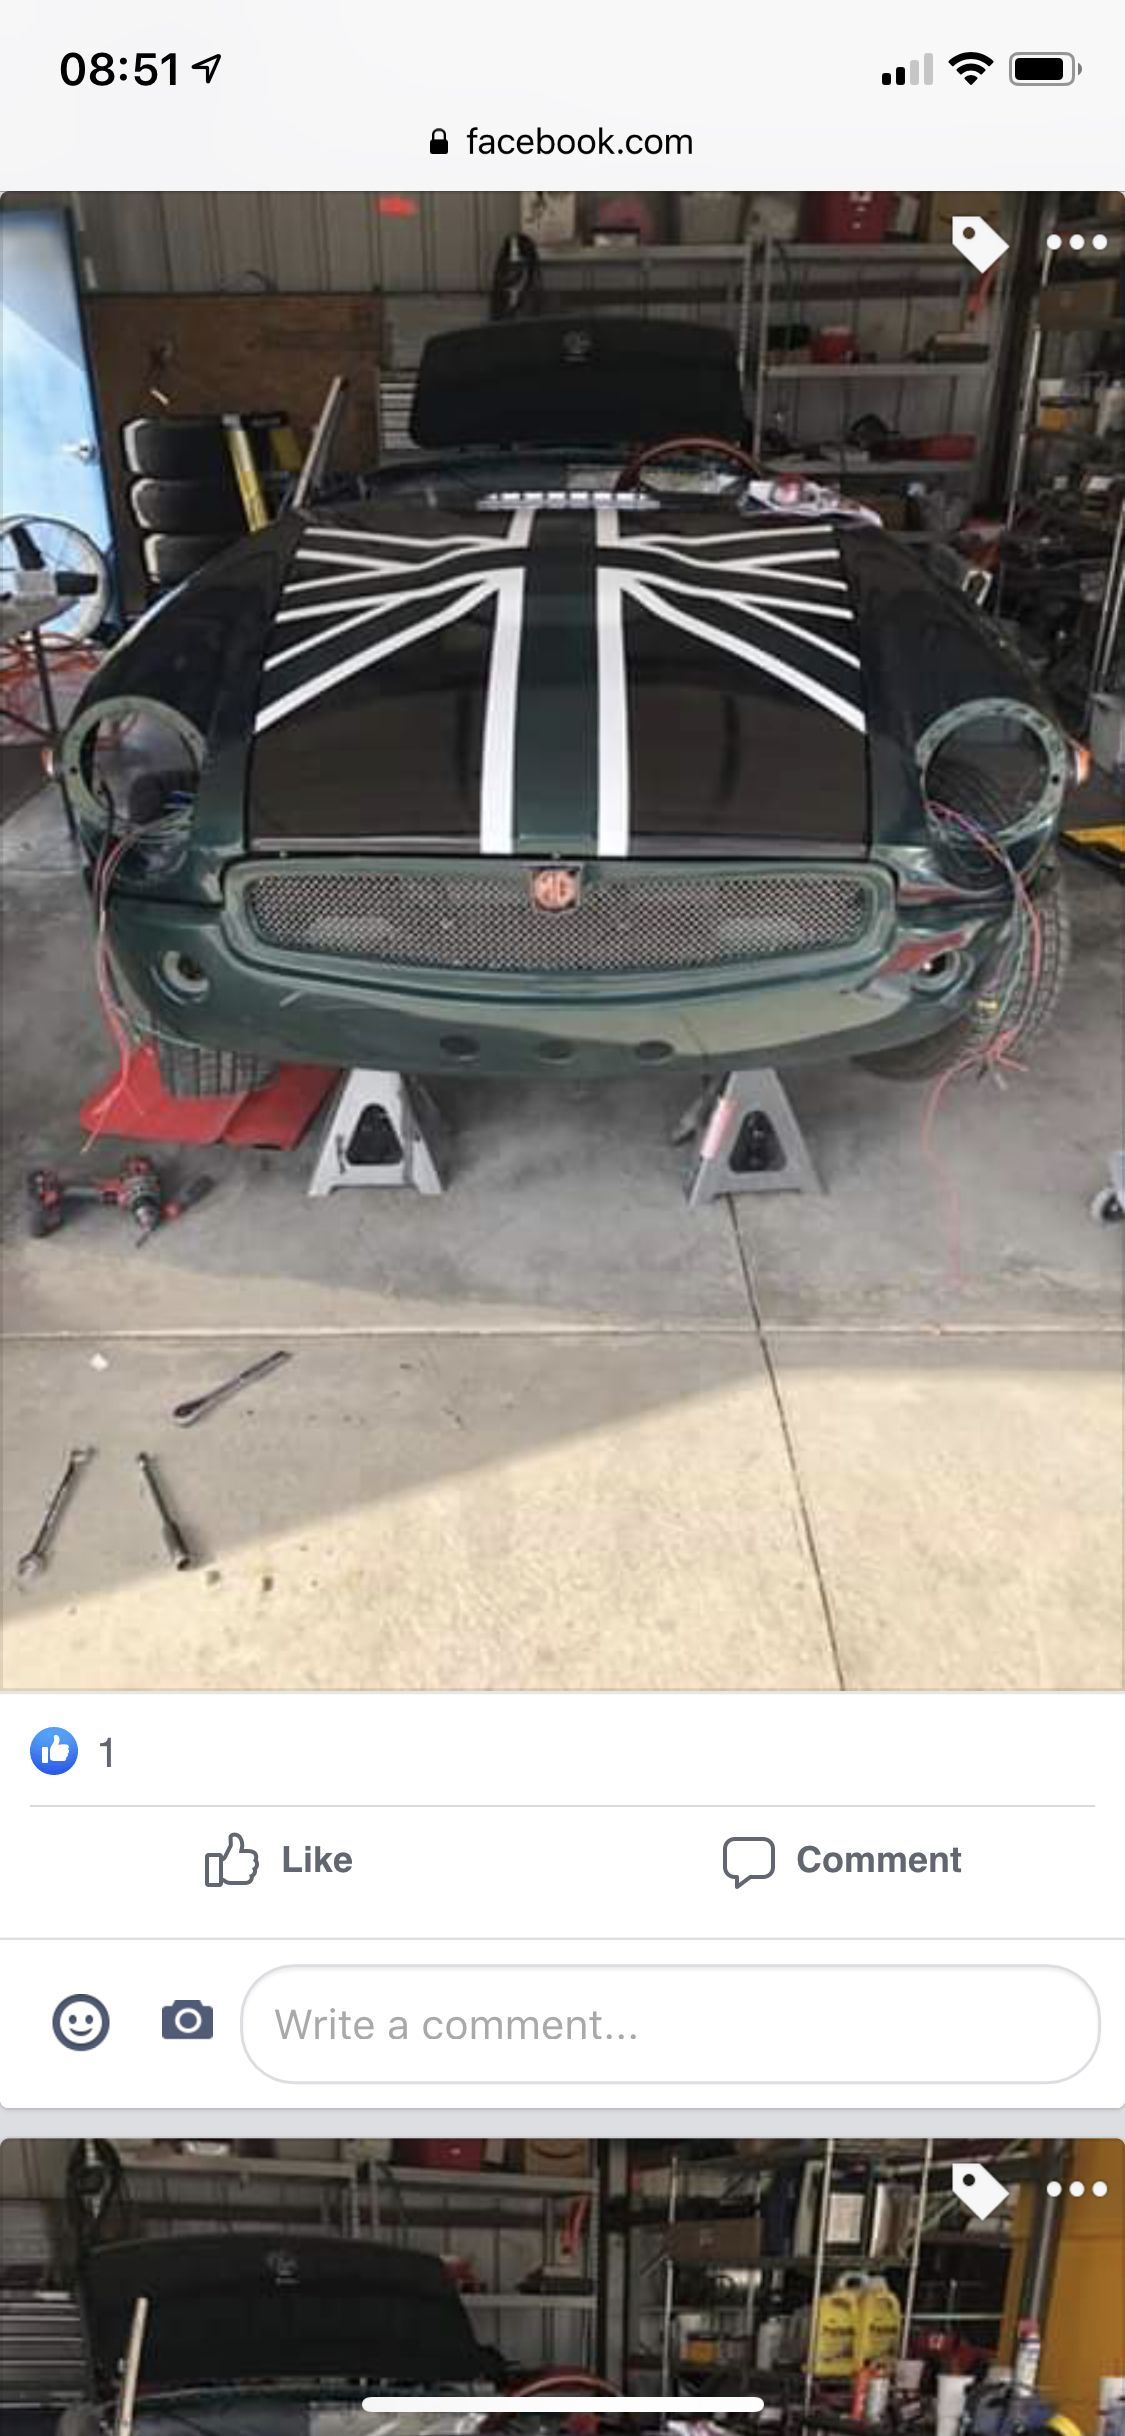 Pin by jim bryan on Car Gym equipment